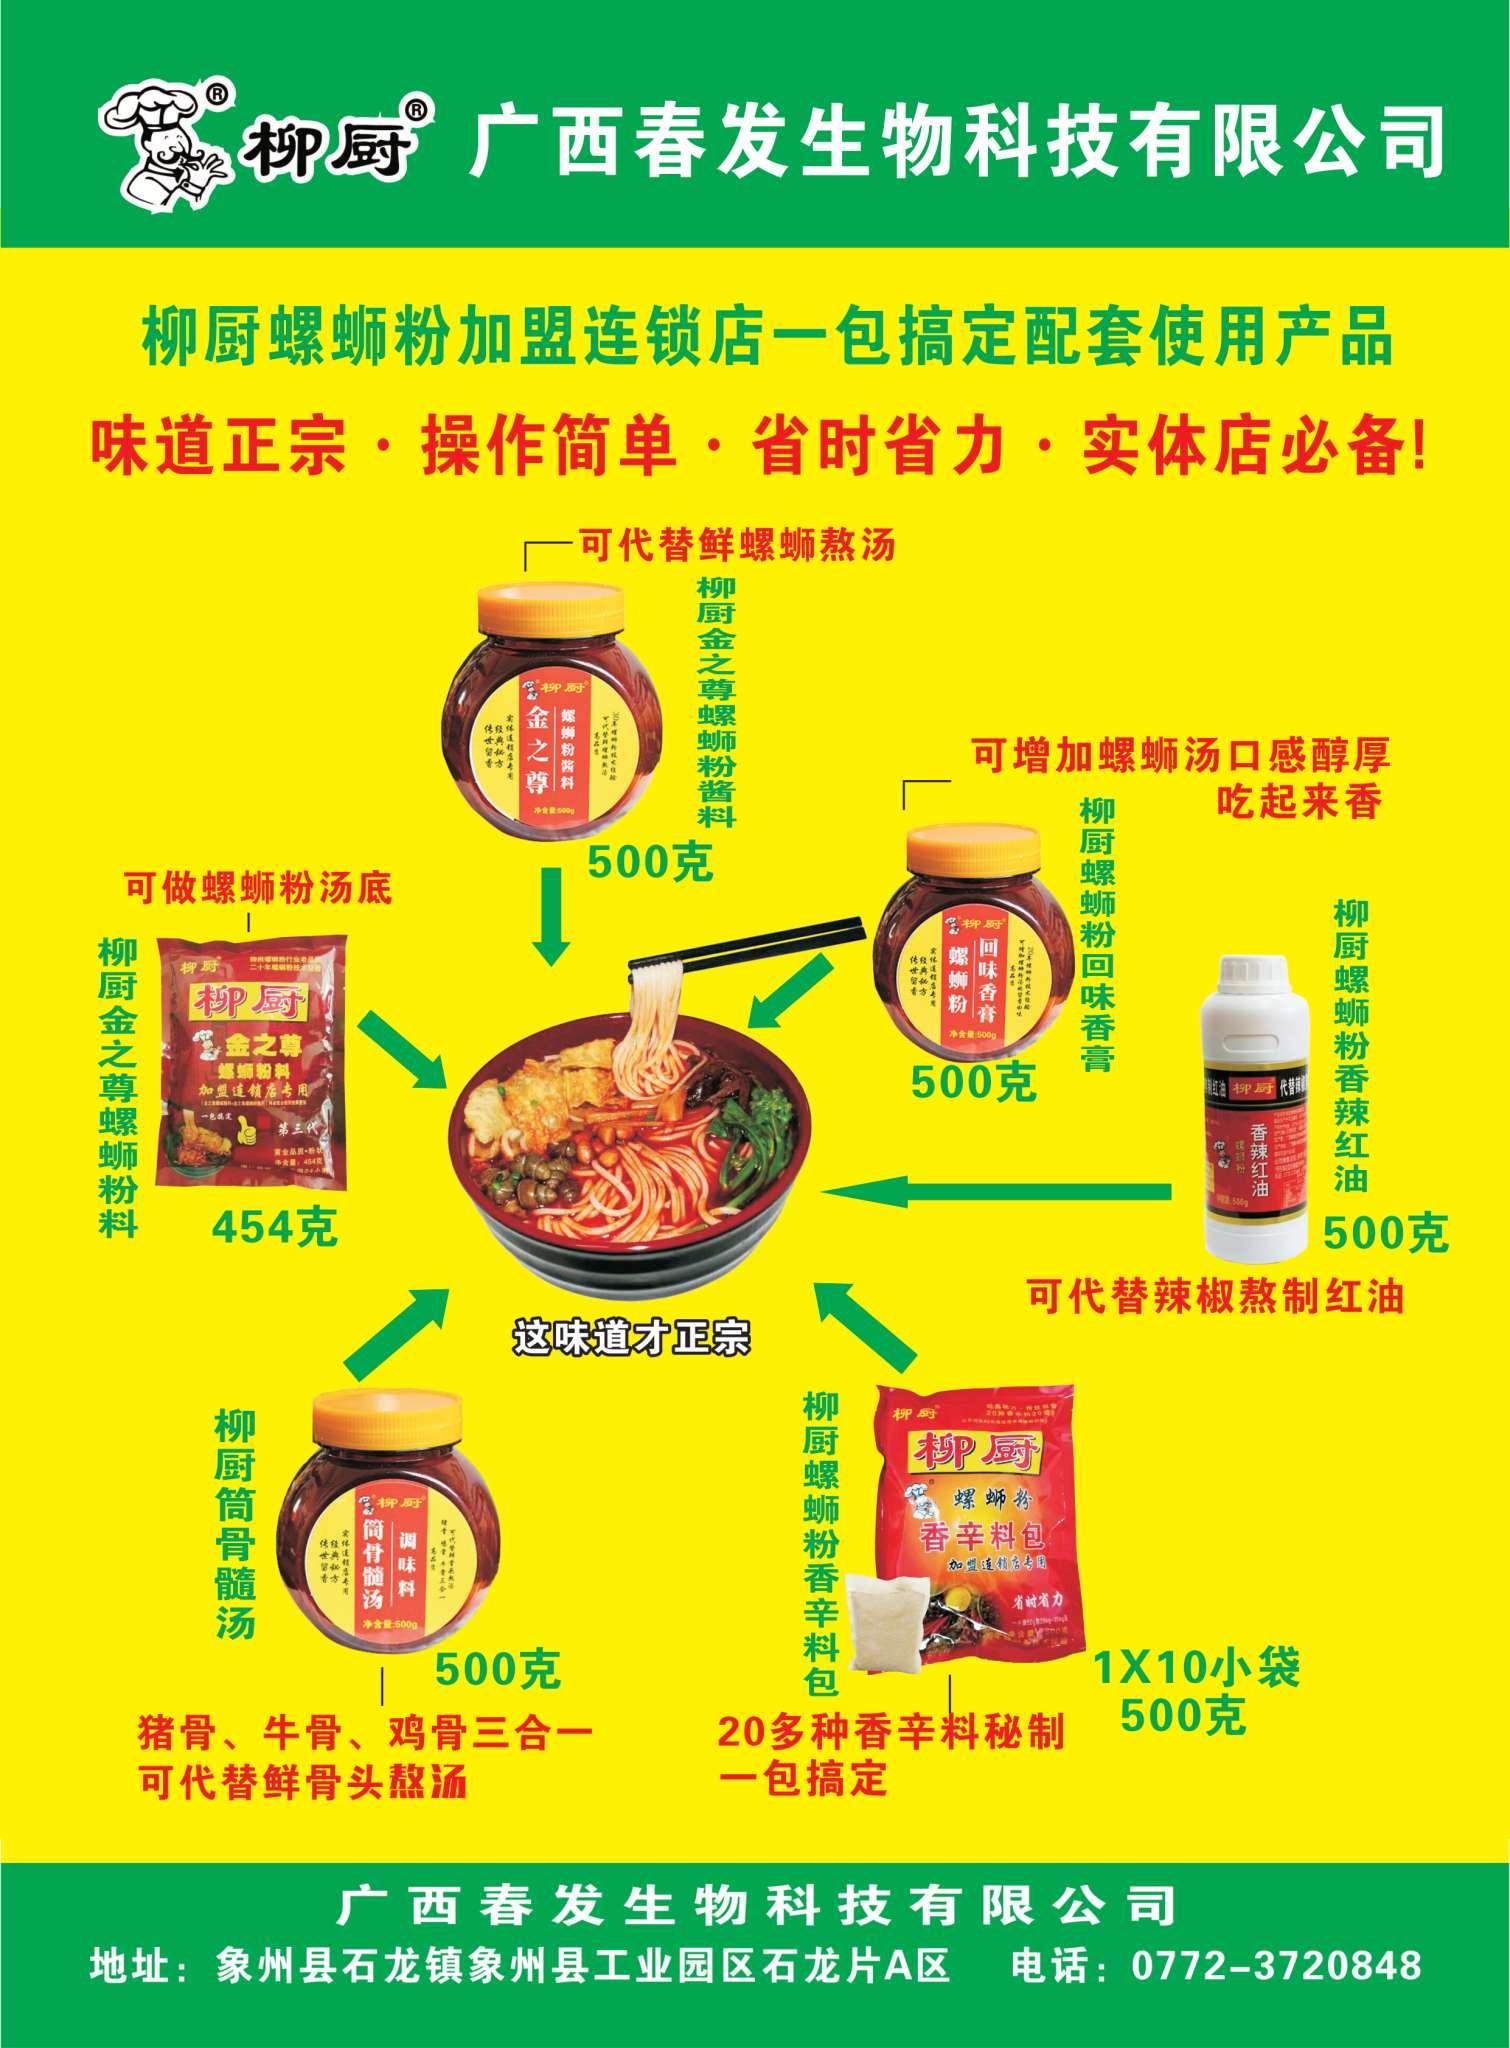 柳厨螺蛳粉500克一包搞定配套产品使用 (6).jpg